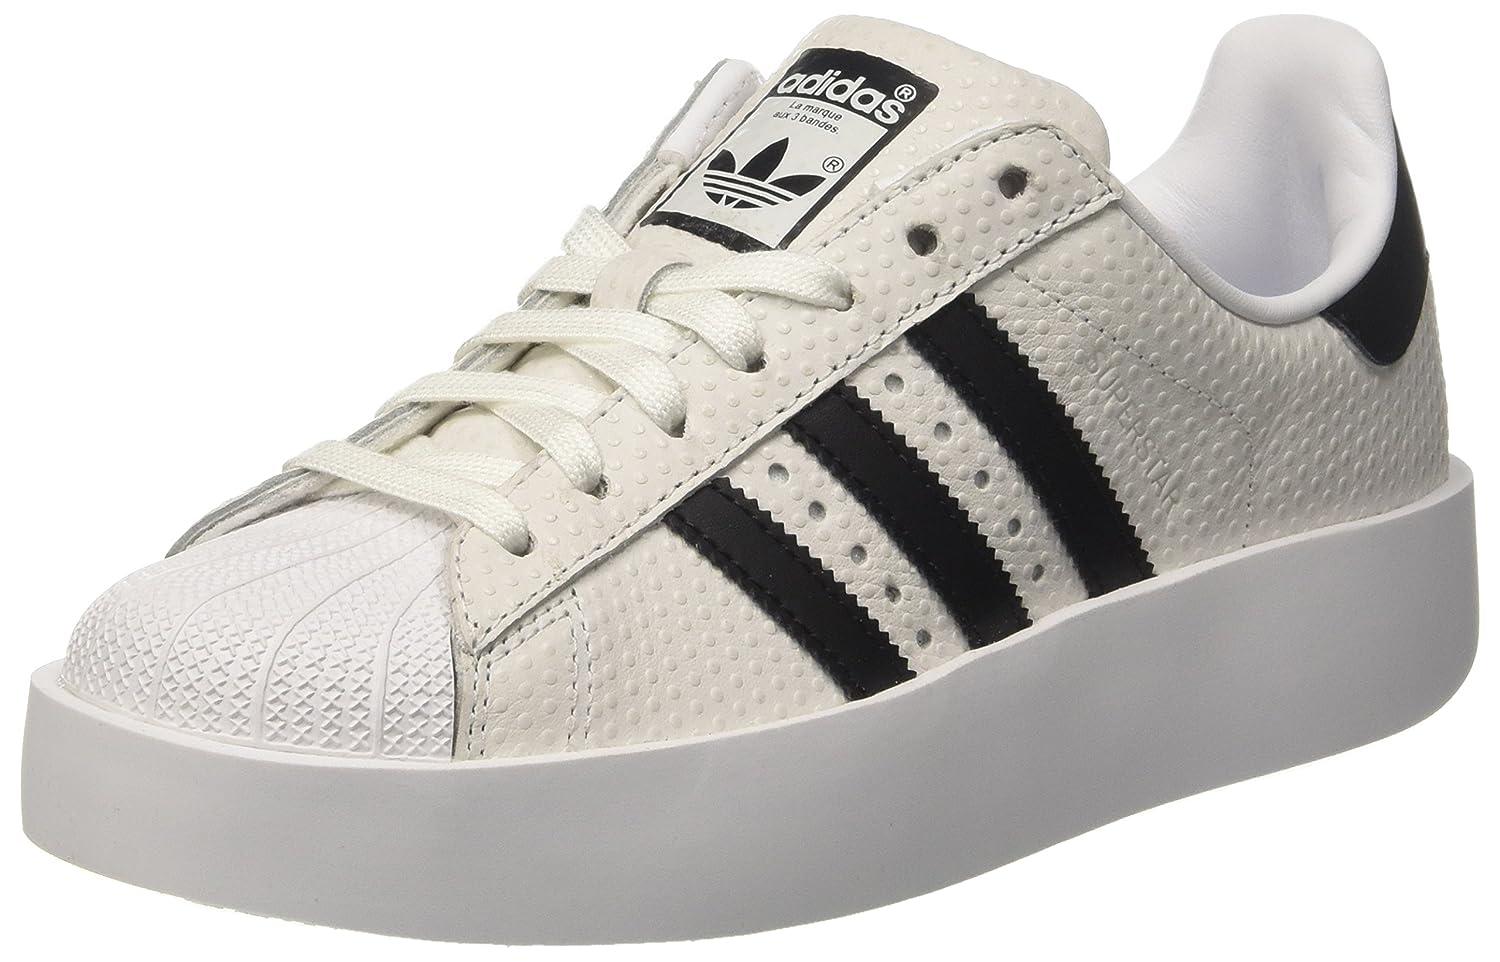 Adidas Damen Superstar Bold W Turnschuhe B0721ND5DG Turnschuhe Für Ihre Wahl